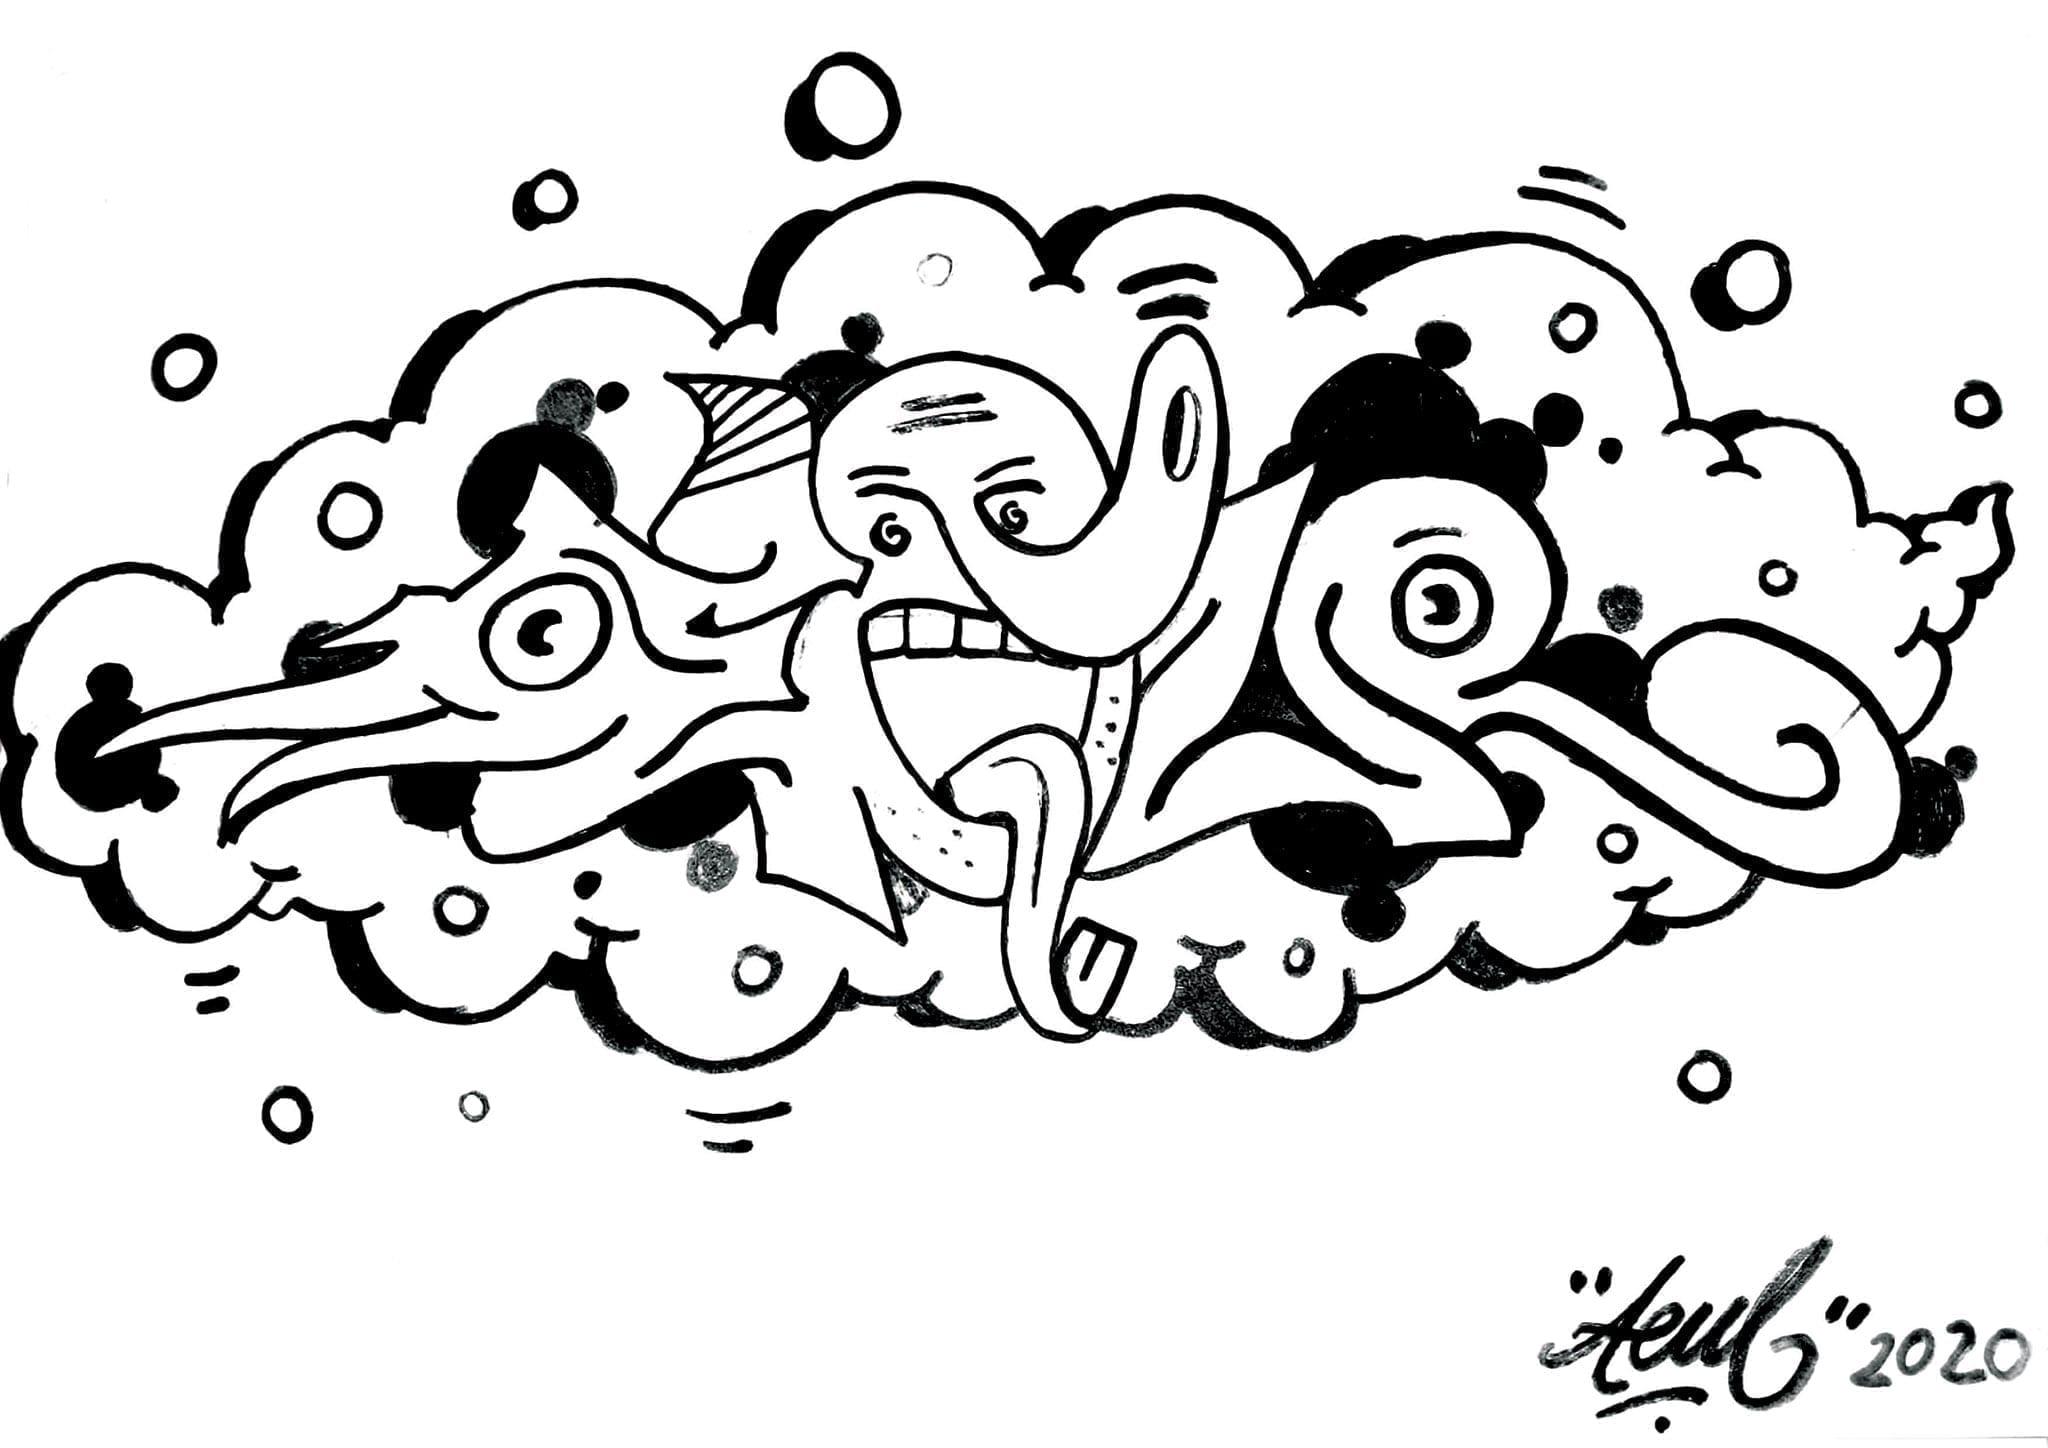 AEUL sketch 2020